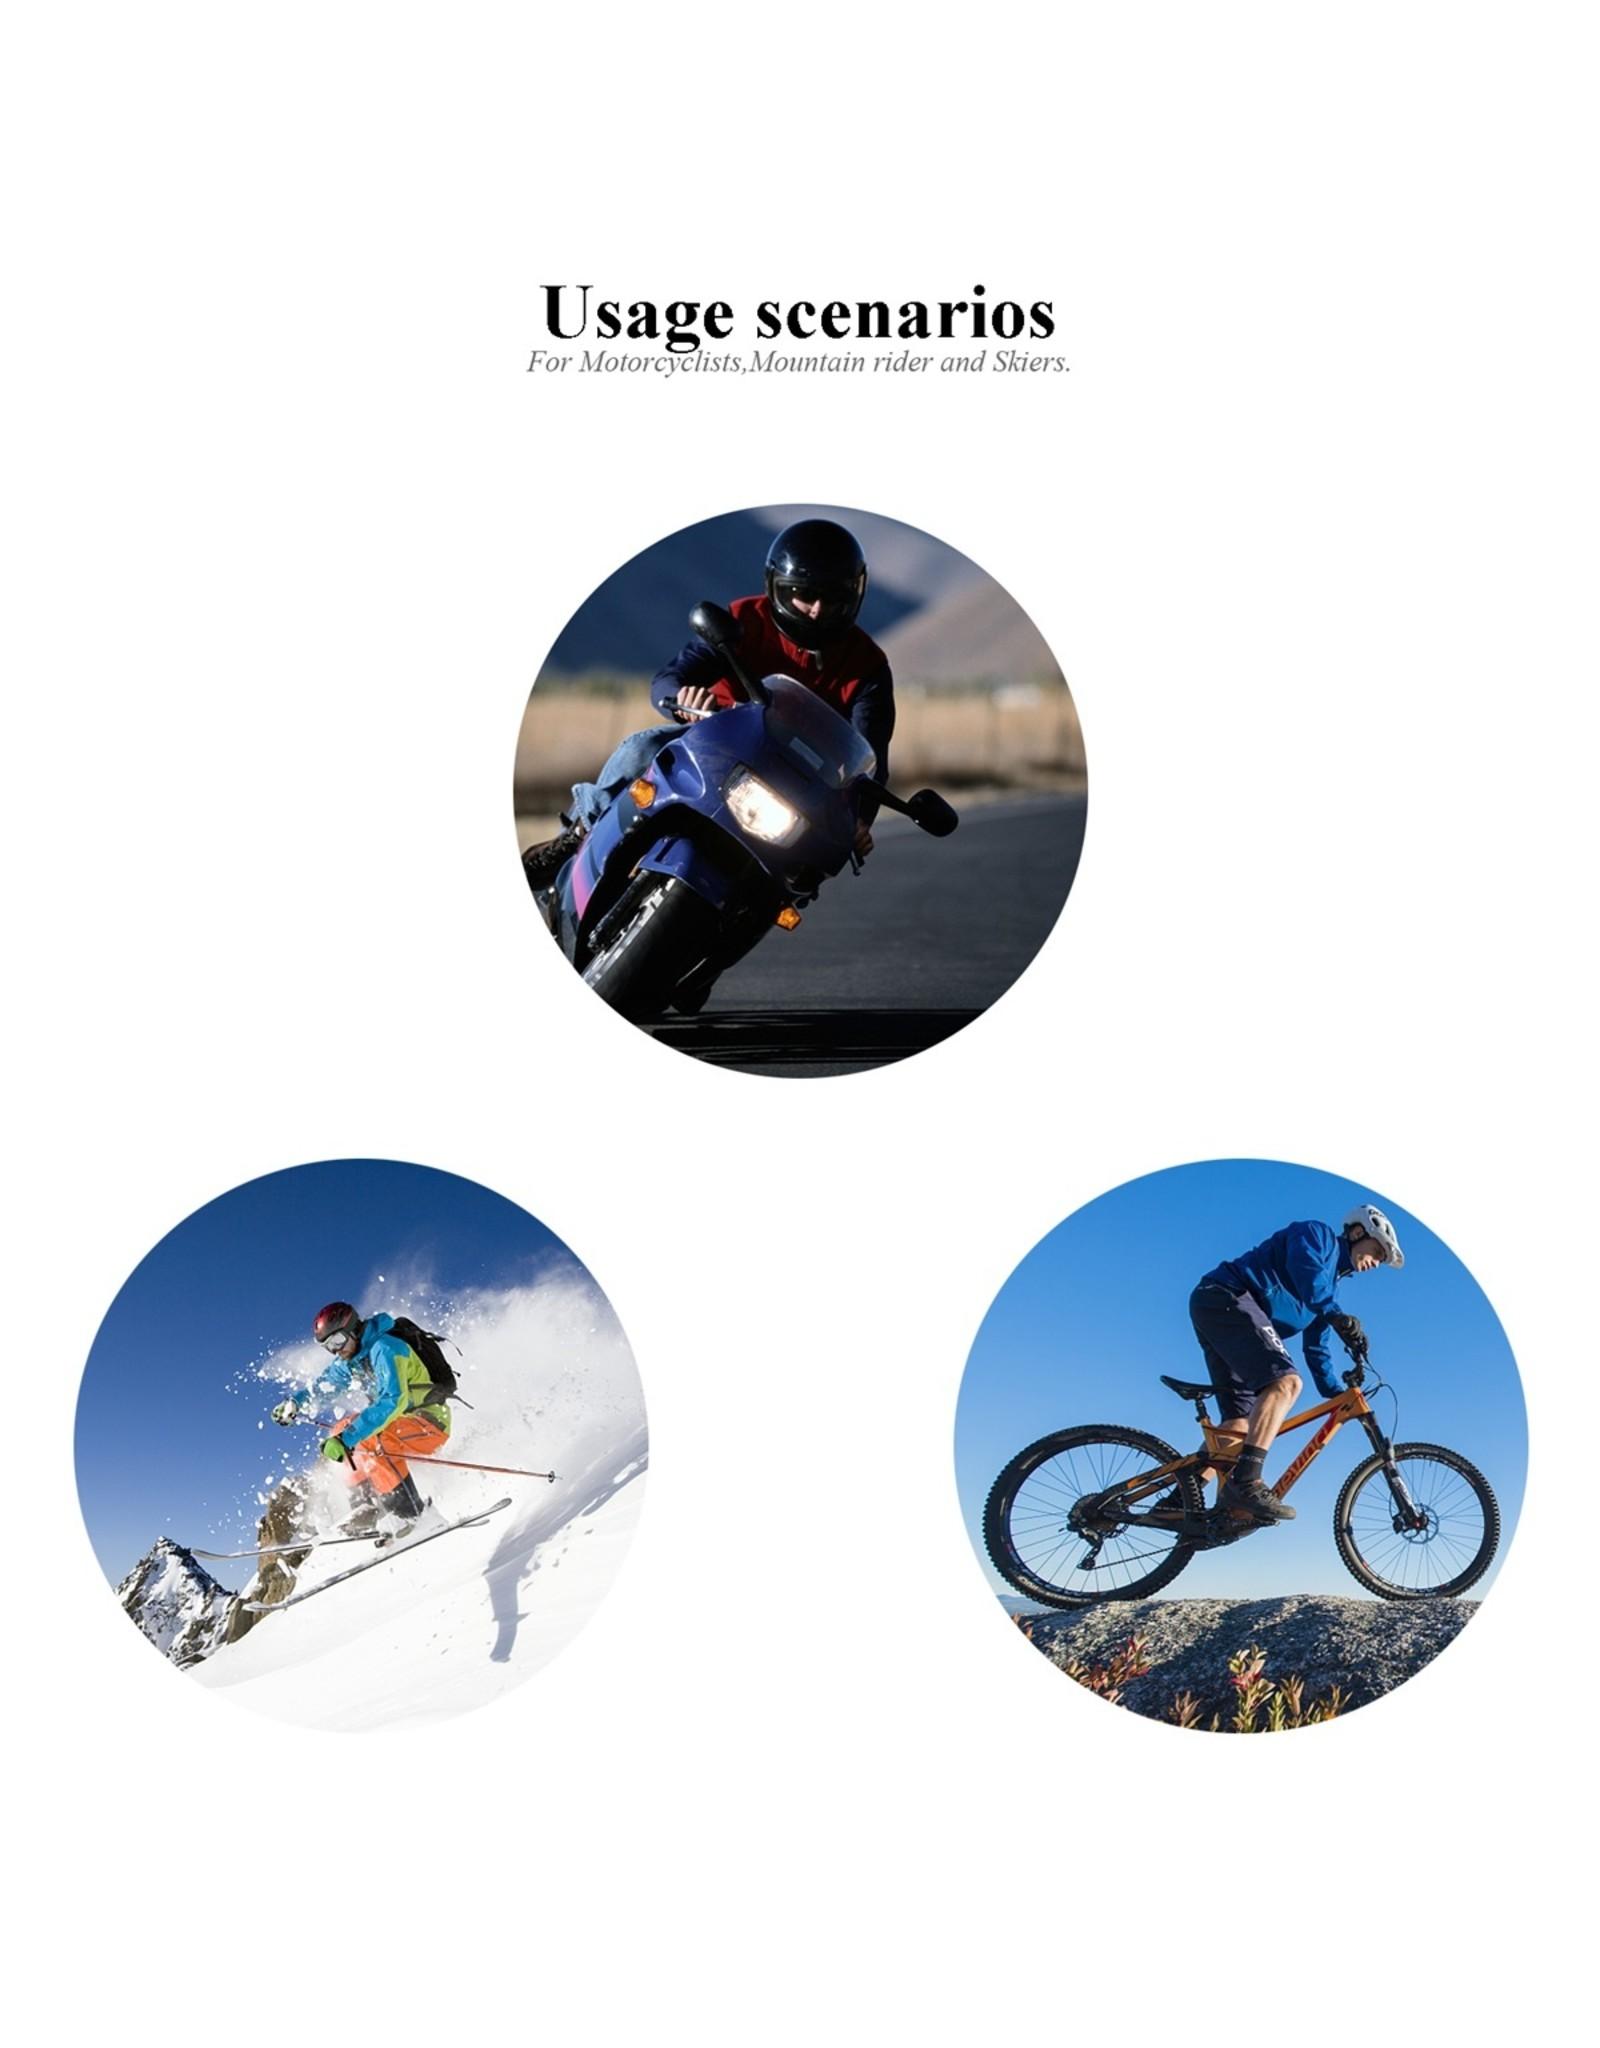 WT003 Bluetooth-communicatiesysteem voor motorfietsen.